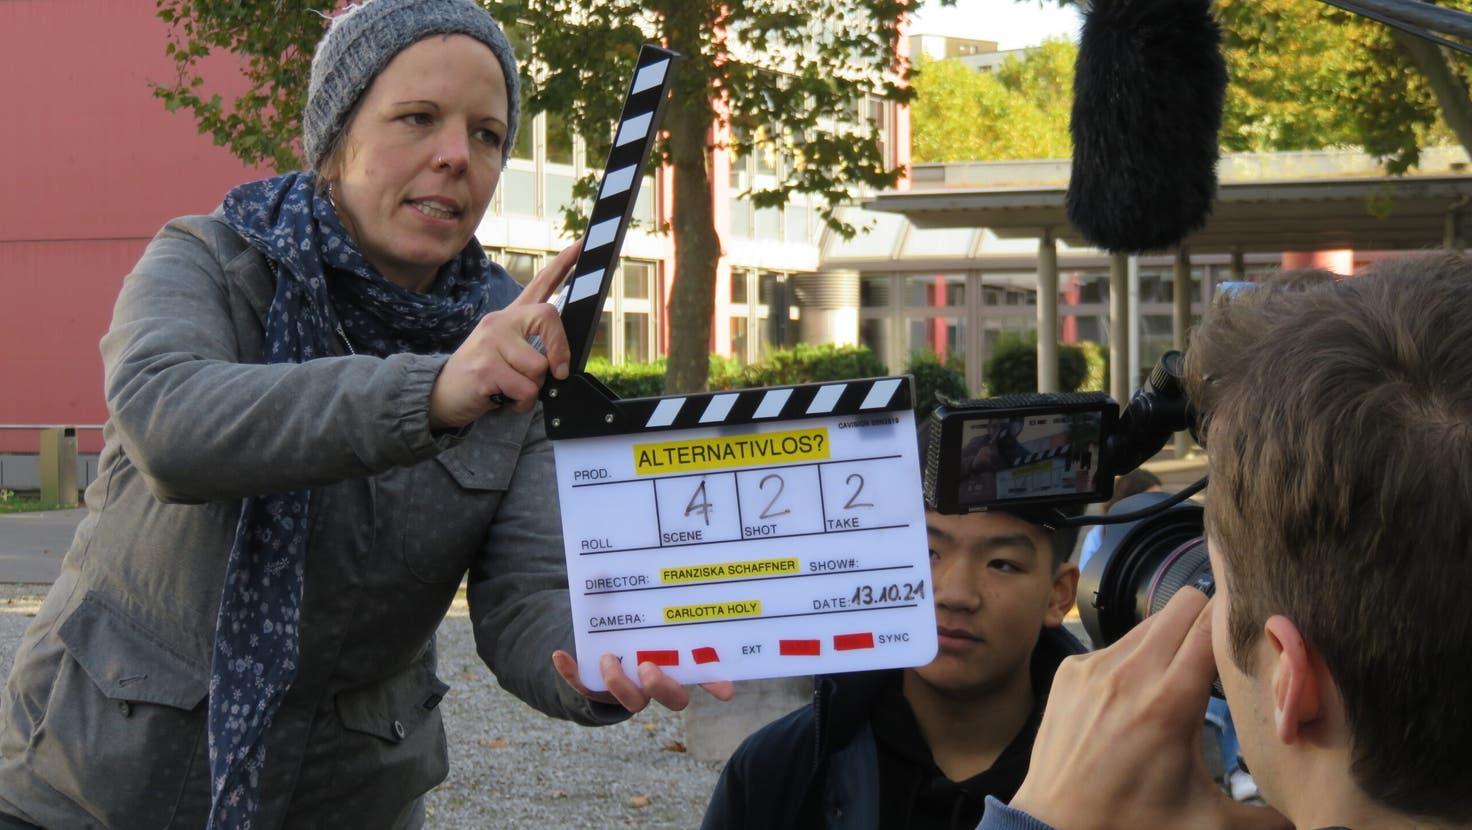 Filmprojekt des Verbands Aargauer Muslime: Jetzt sind die Dreharbeiten abgeschlossen, im Frühling soll der Film gezeigt werden. (zvg)